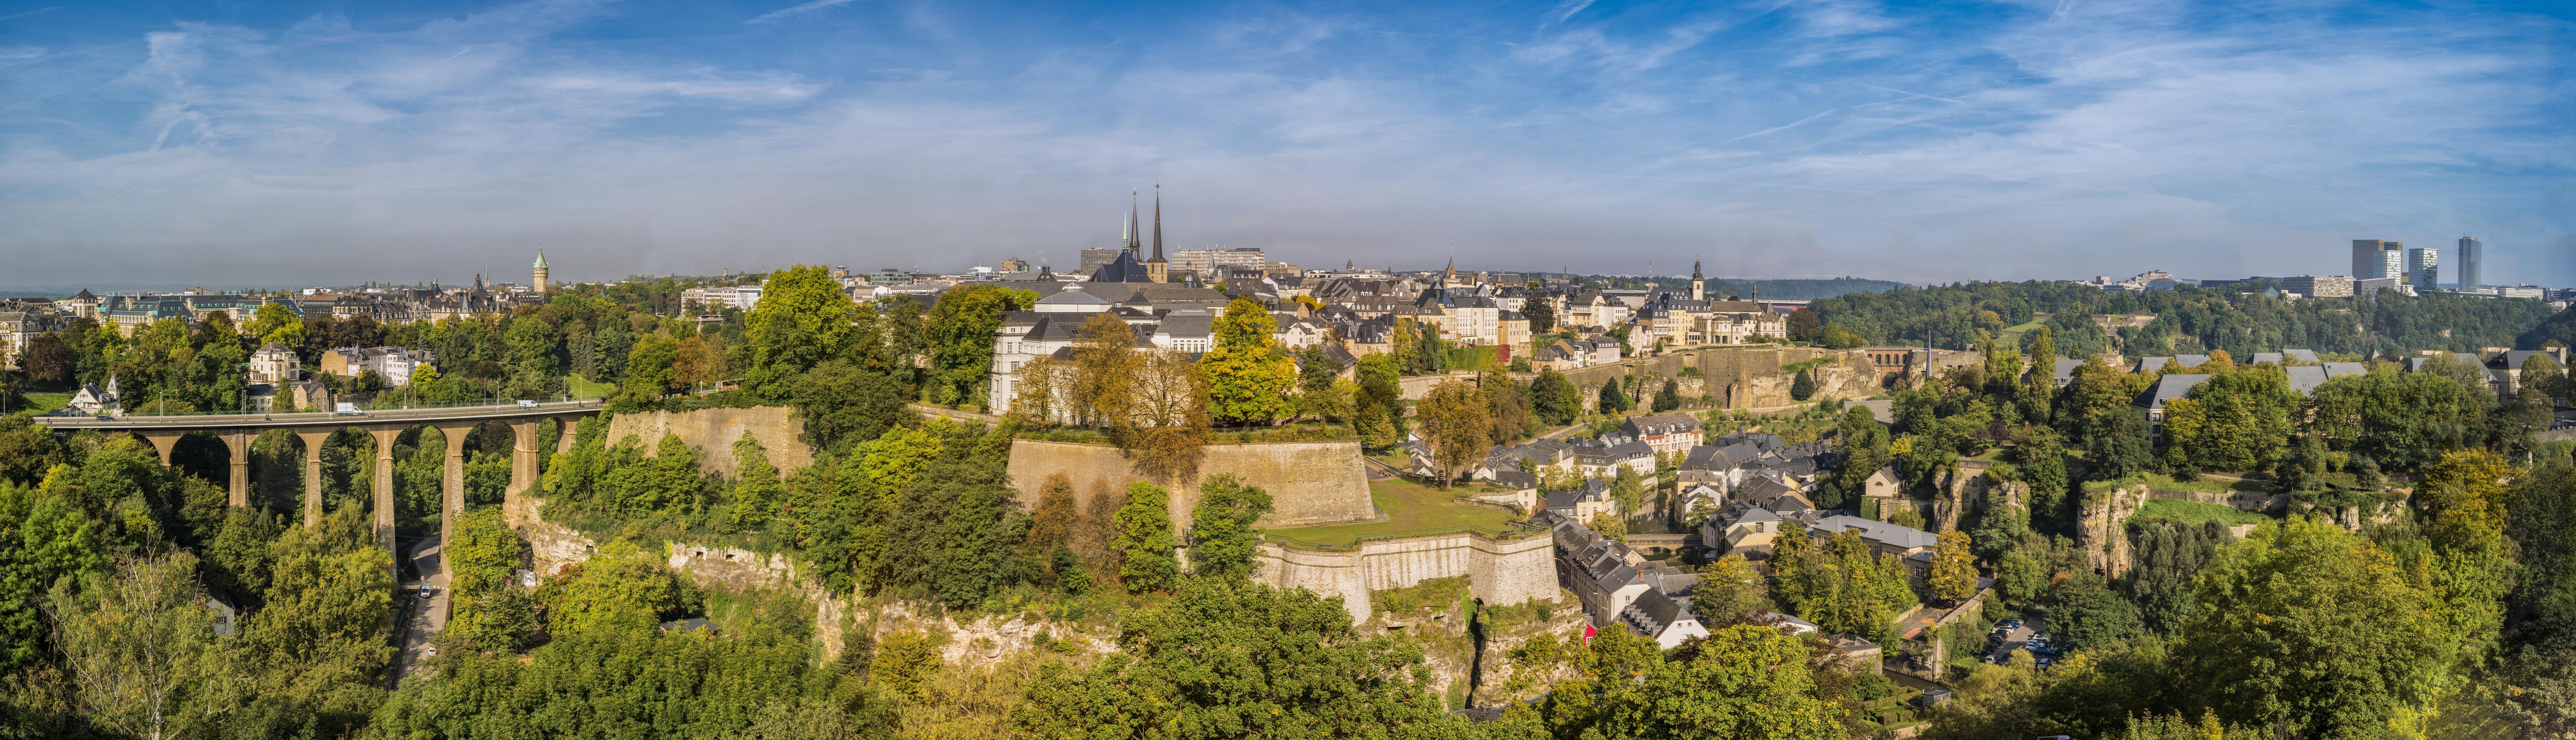 Panoramaaufnahme von der Stadt Luxemburg